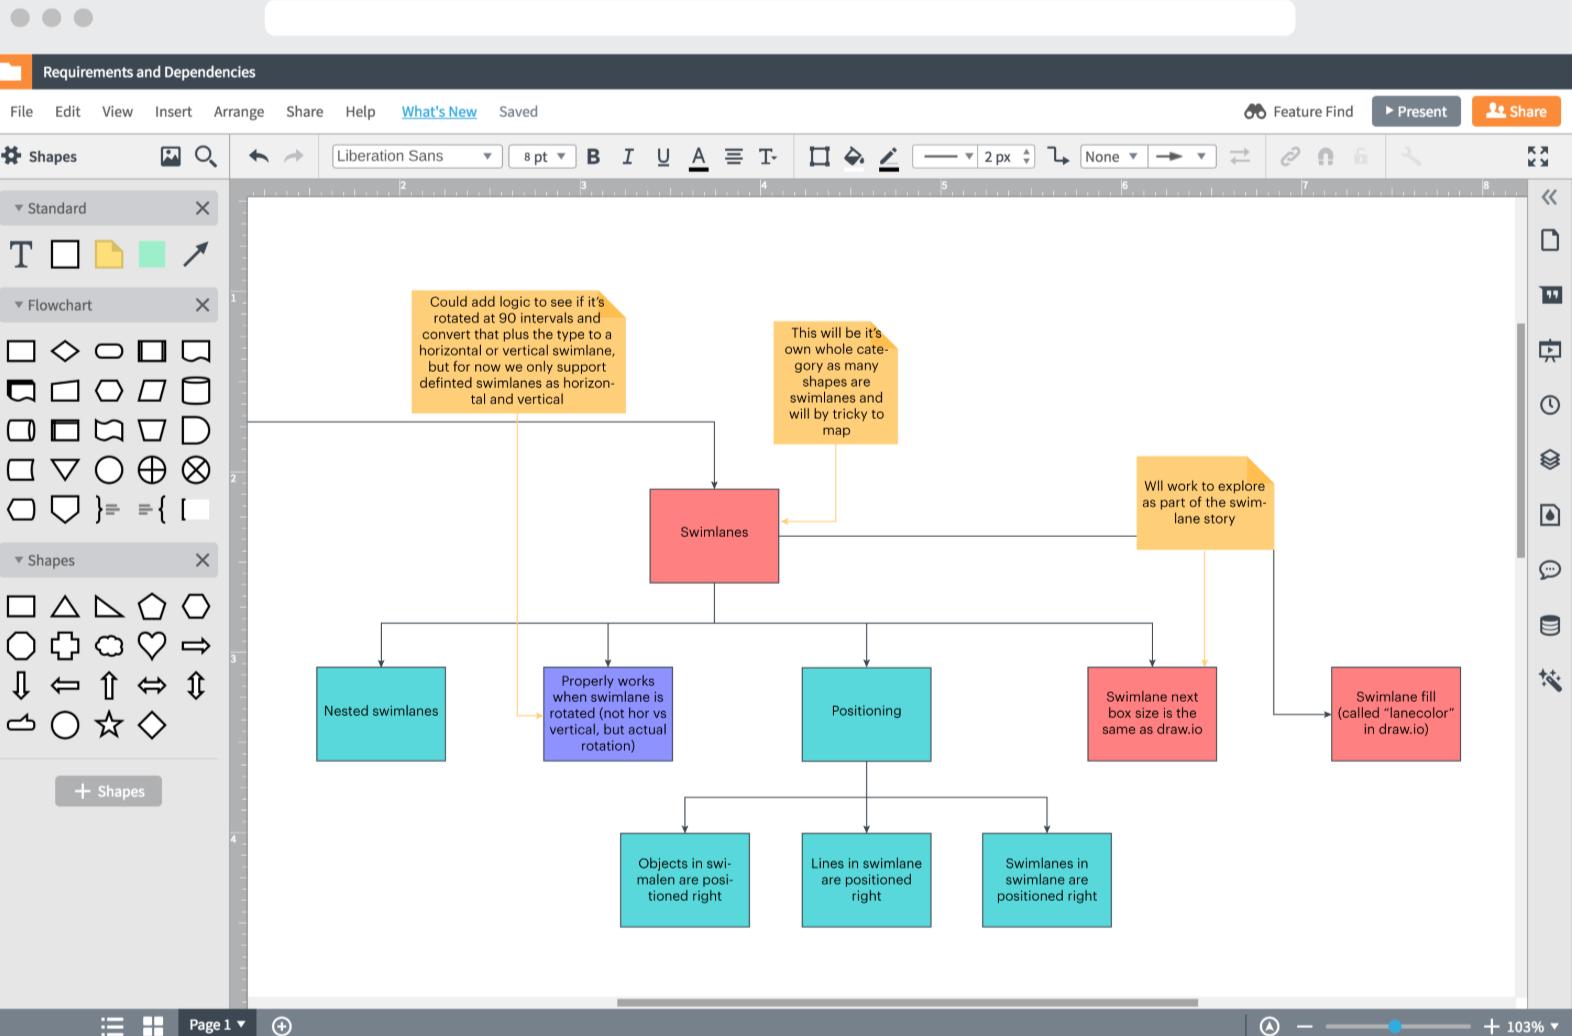 Lucidchart requirements and dependencies example screenshot